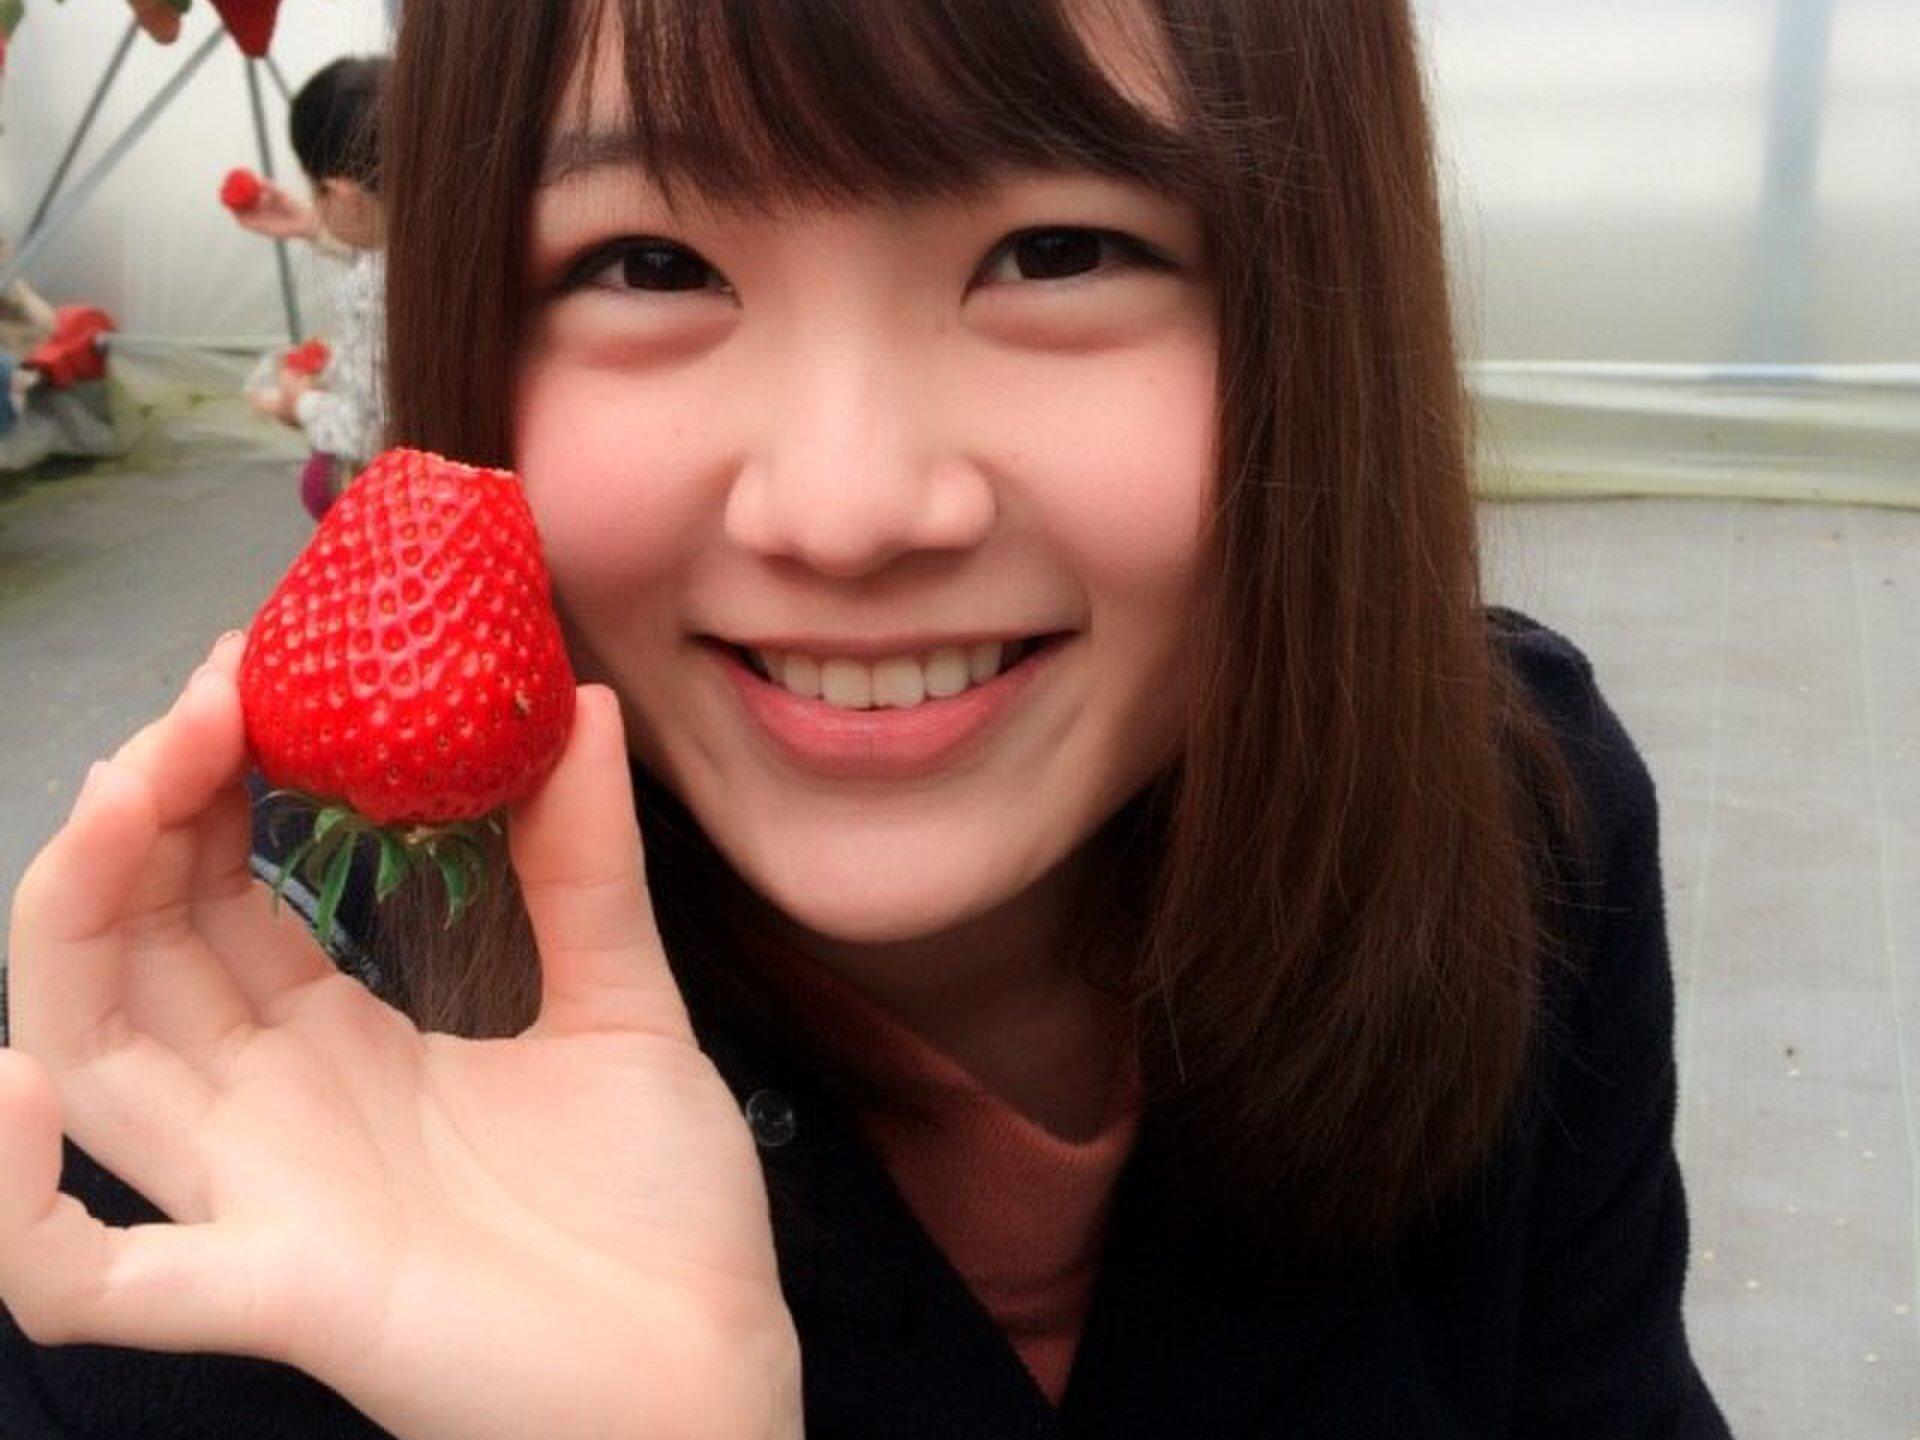 関東いちご狩りデート!甘くて美味しいいちごが食べられるおすすめスポット8選!